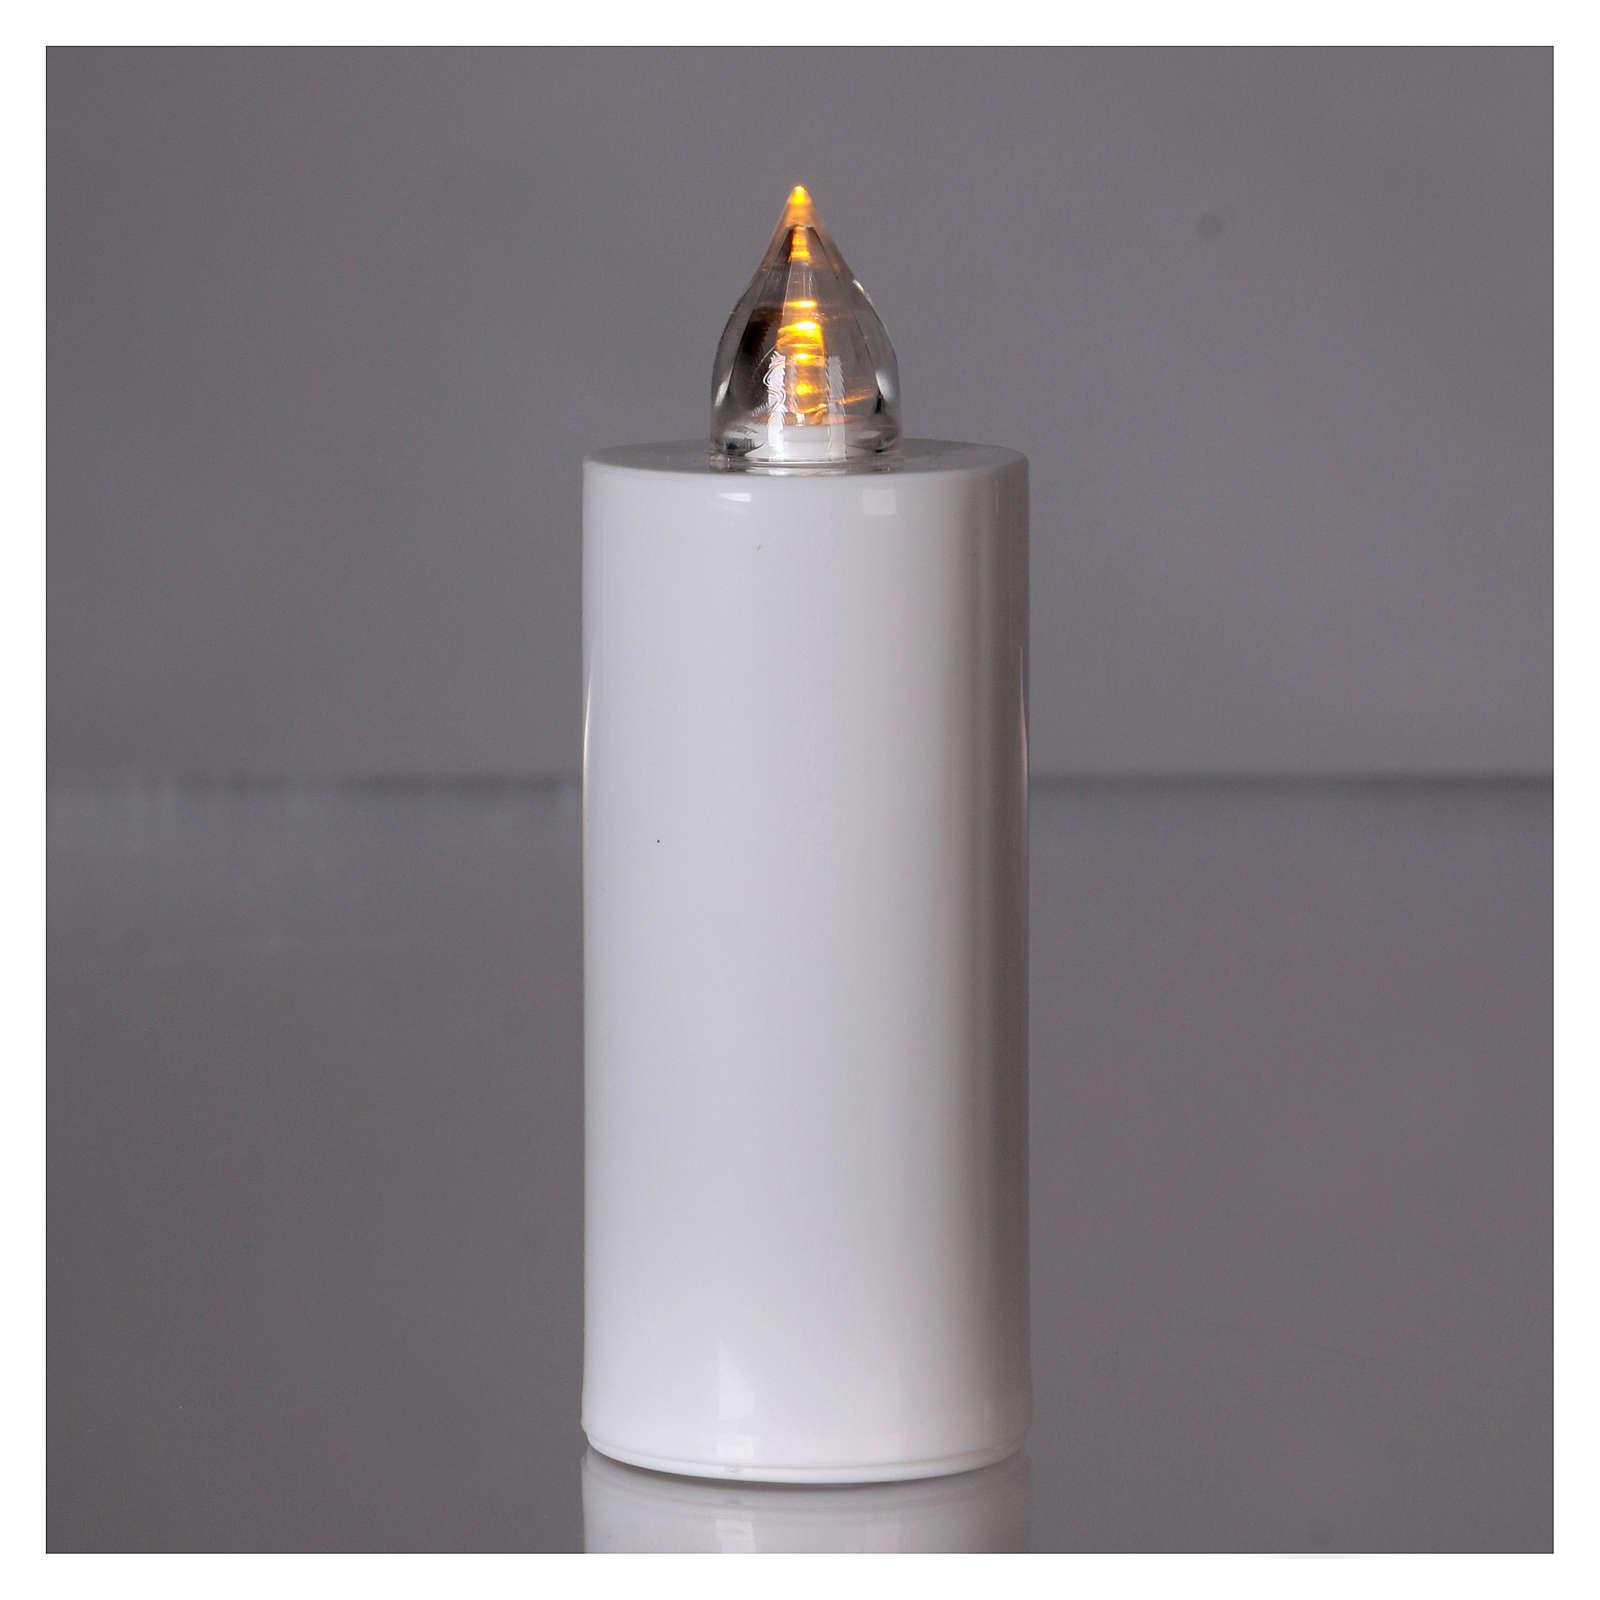 Candela votiva Lumada usa e getta bianca luce gialla fissa 3